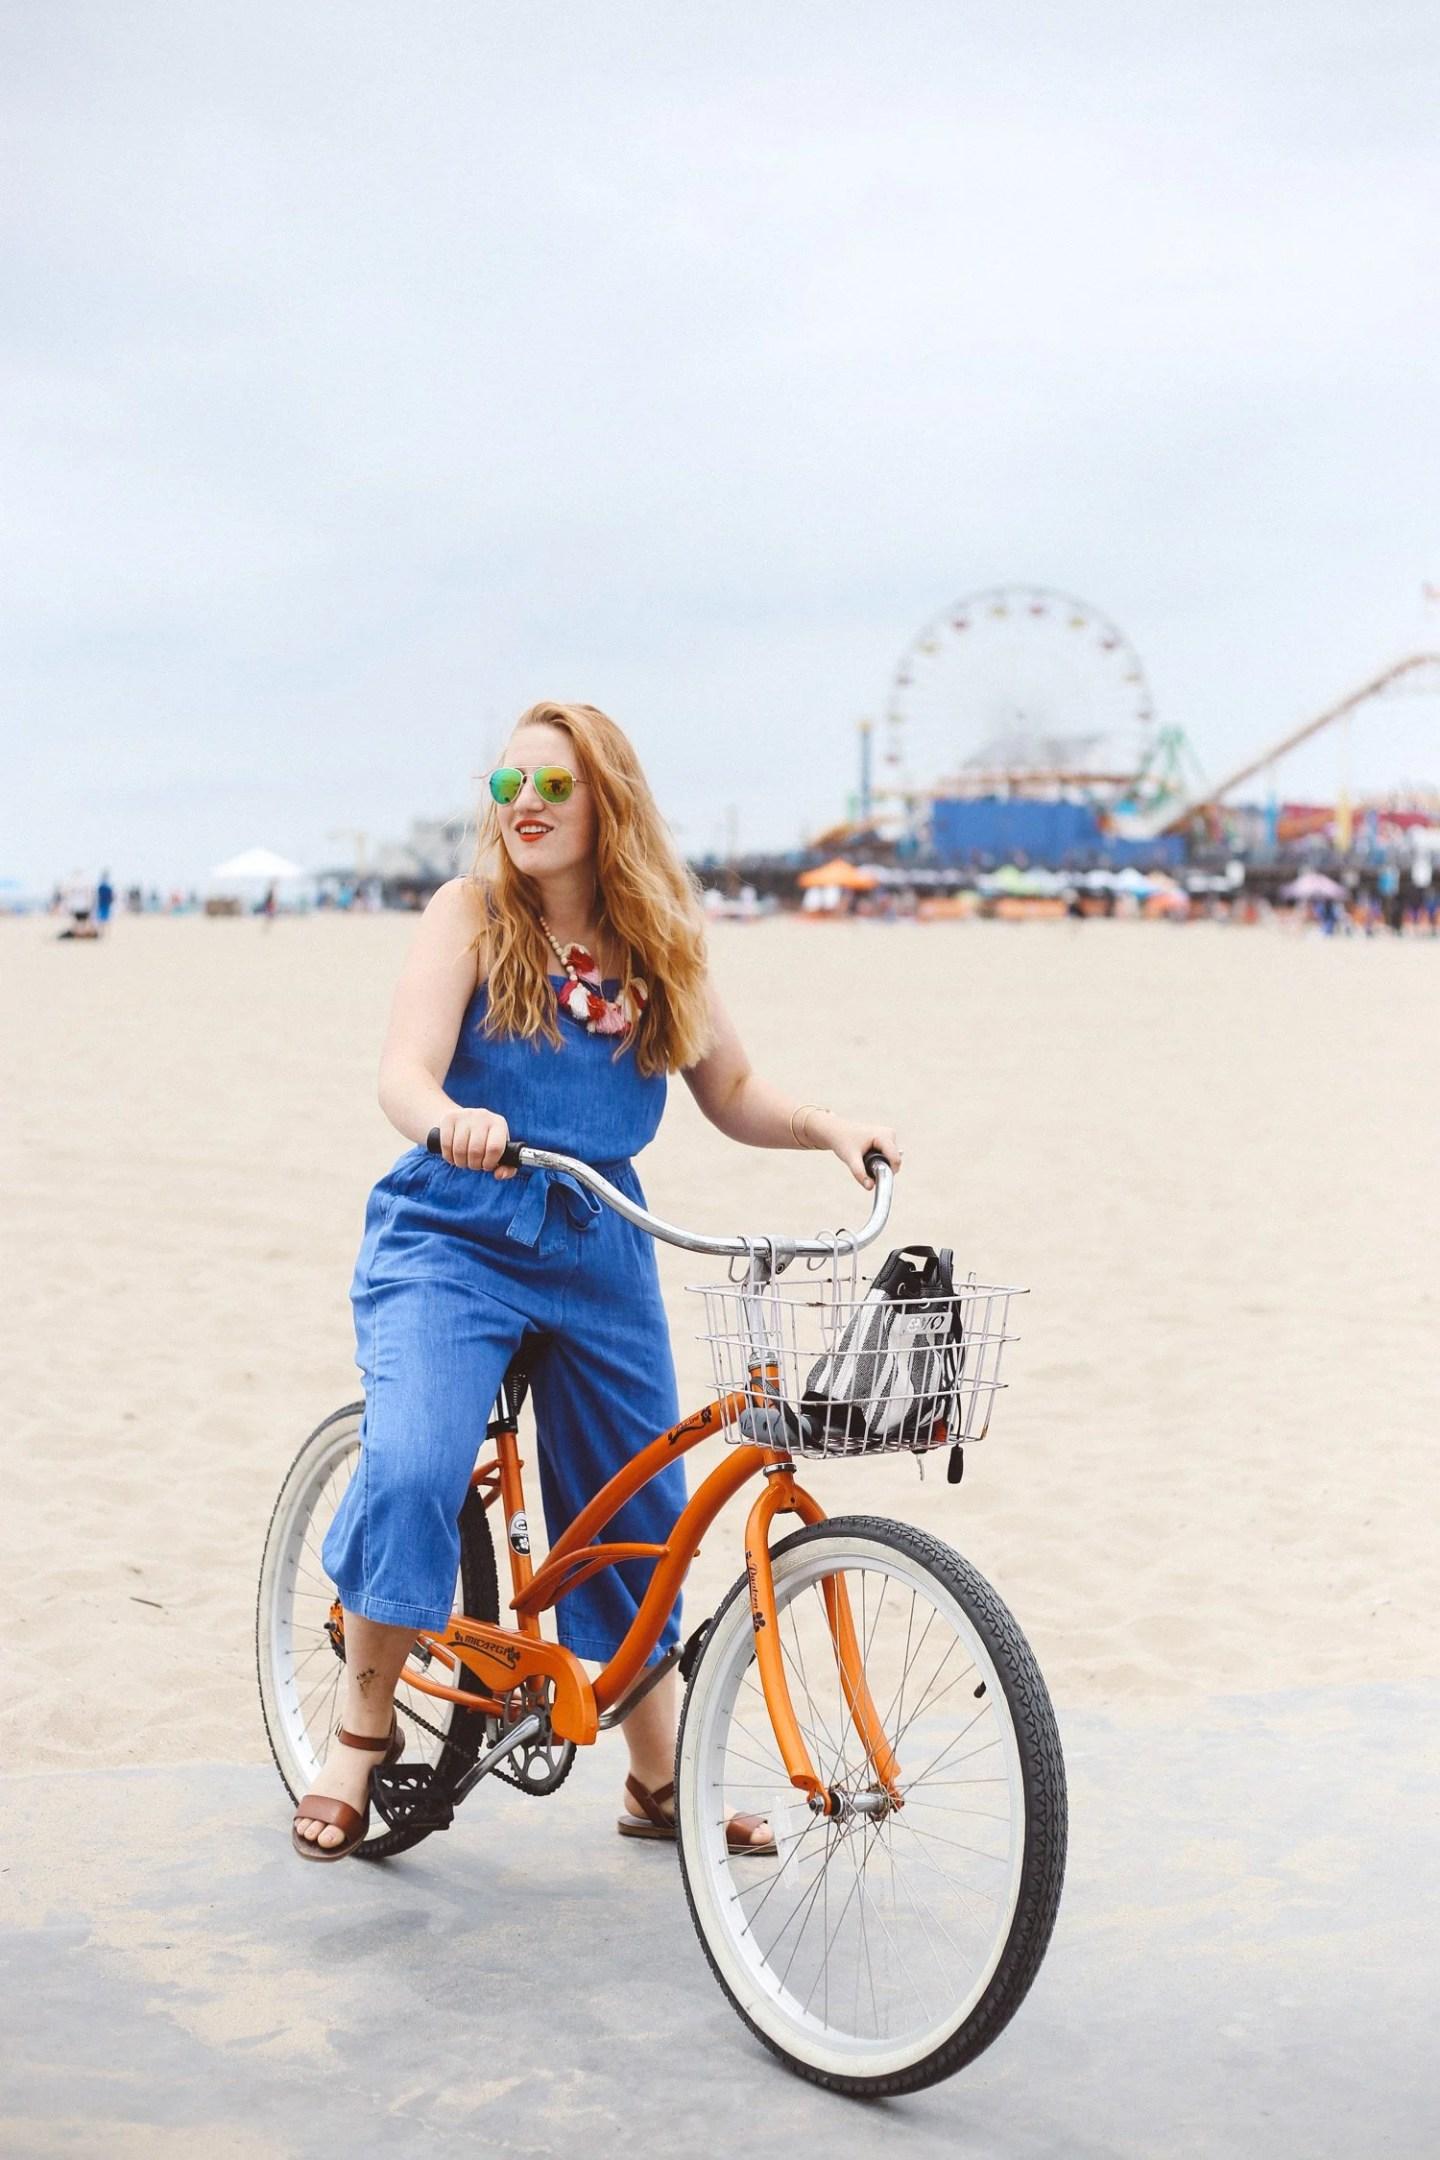 bike rental santa monica venice beach